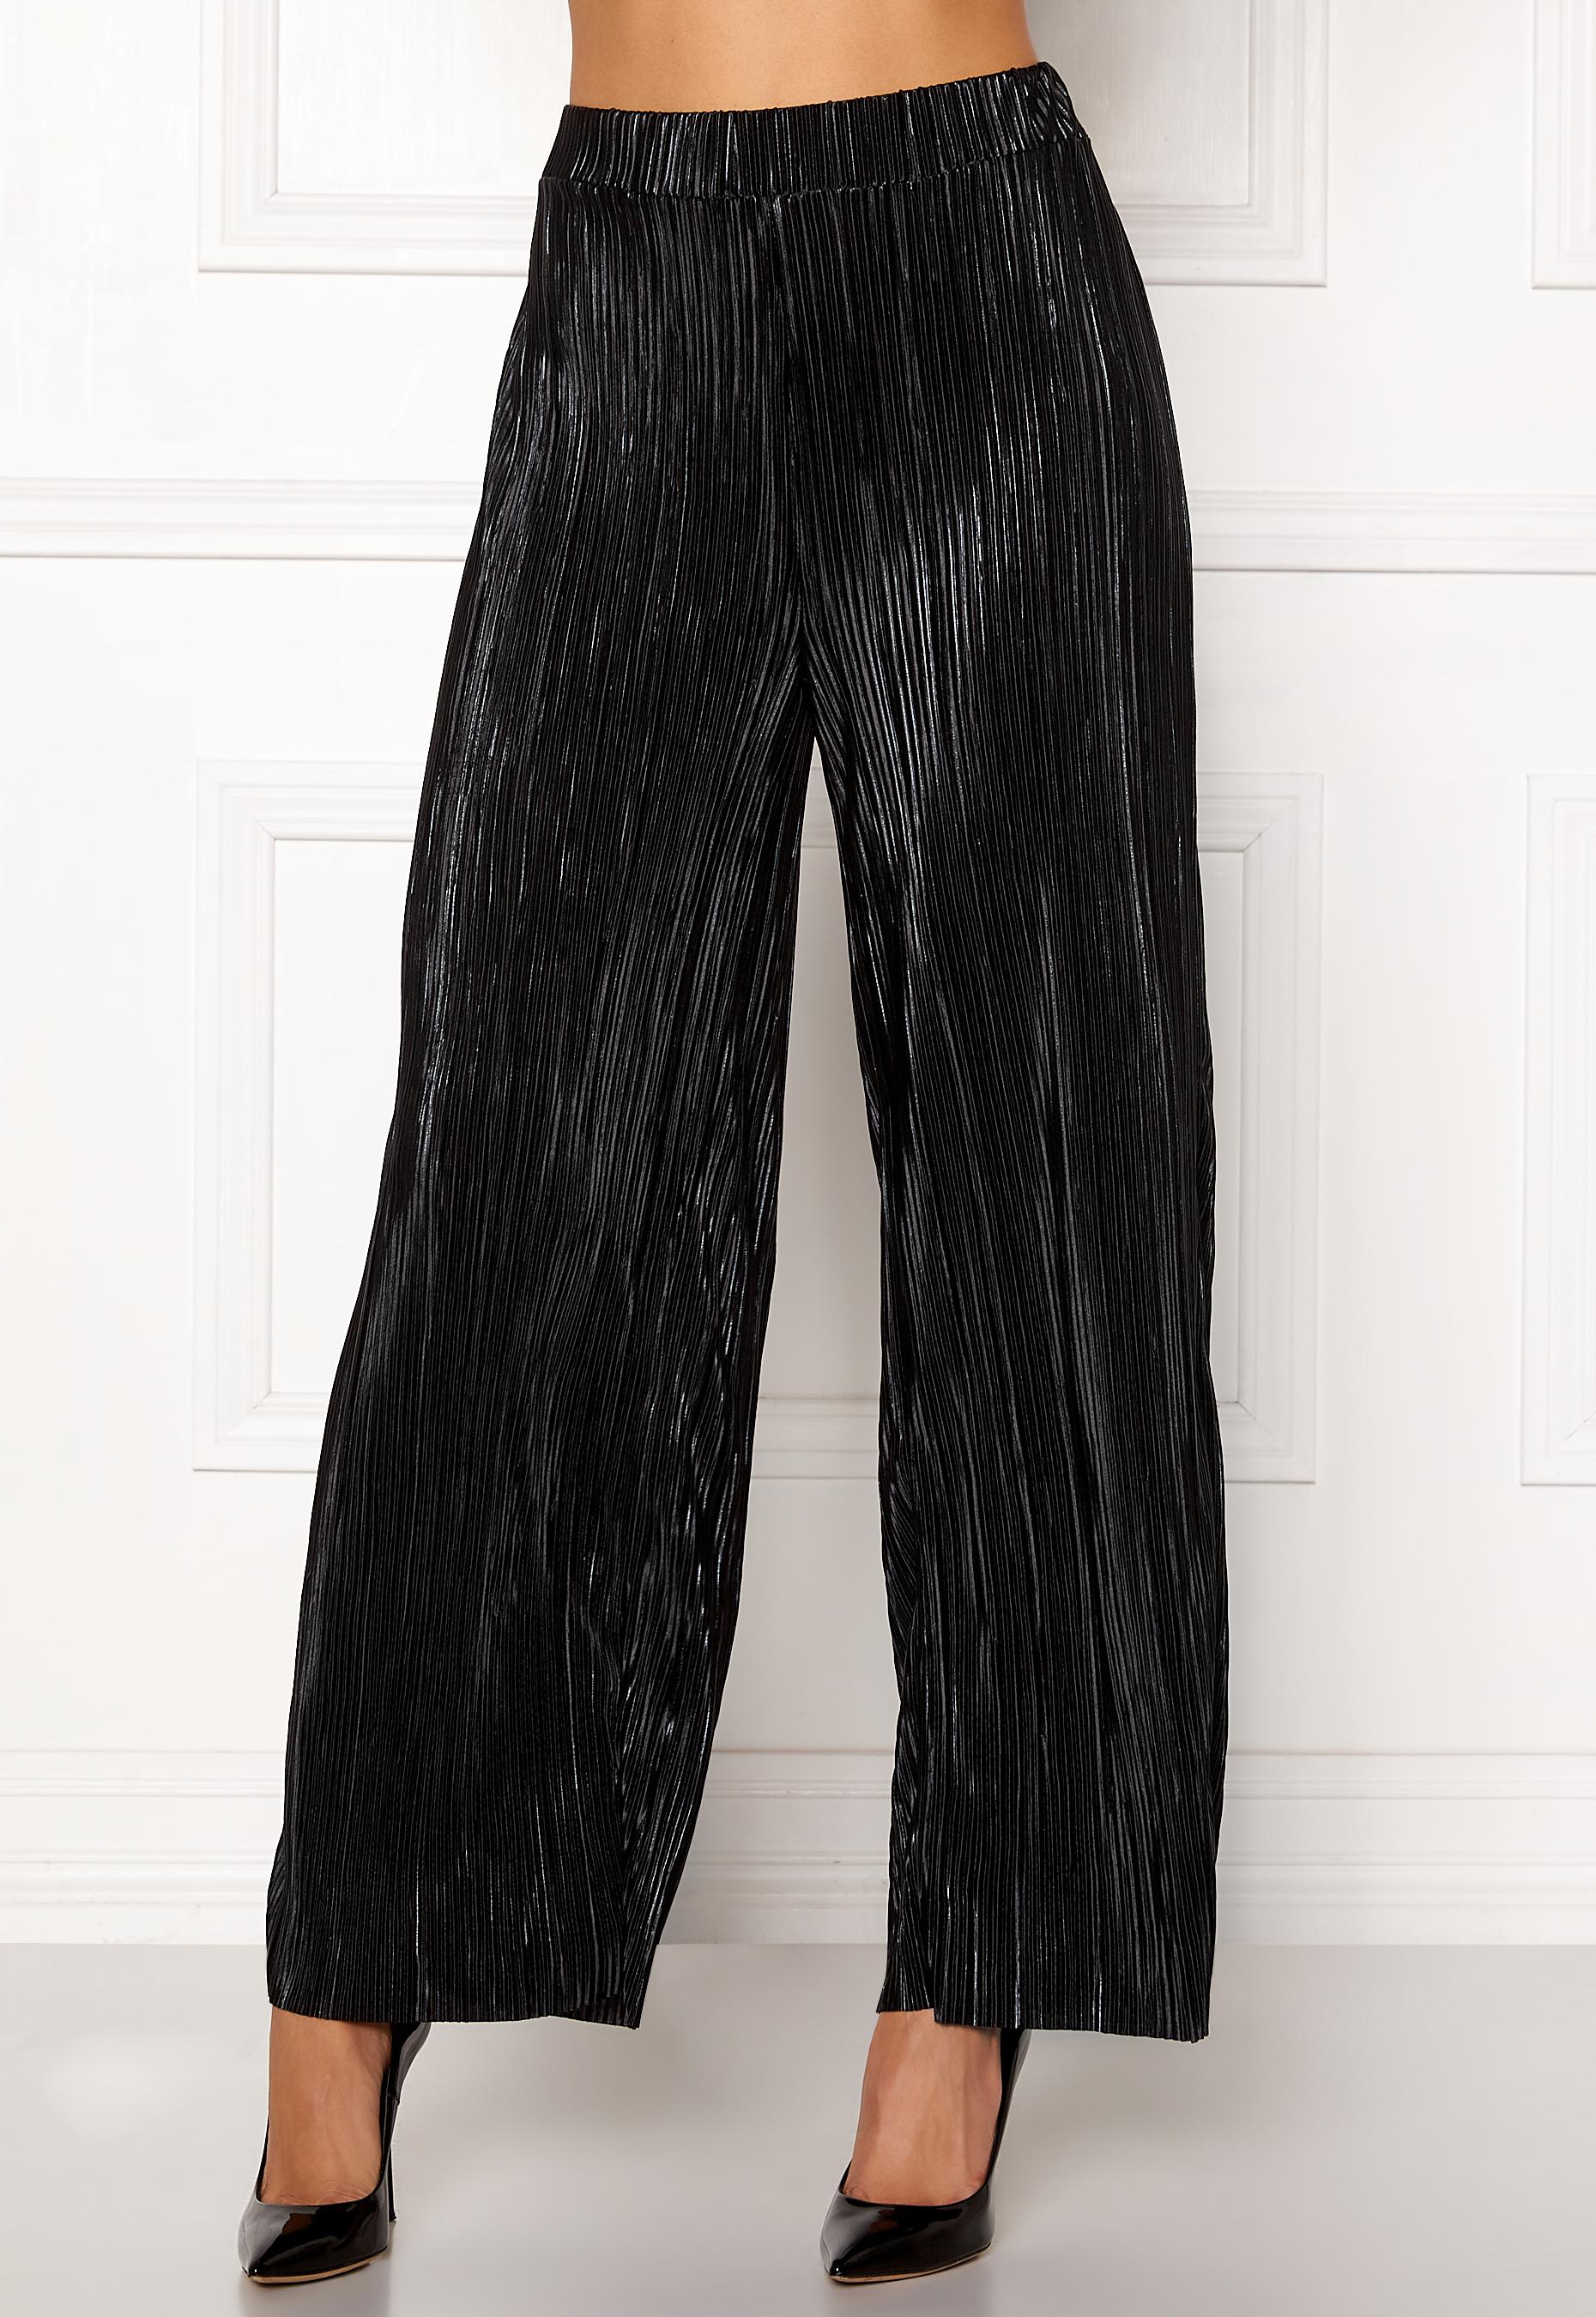 VILA Frances Pant Black - Bubbleroom d95e2e29e0c09